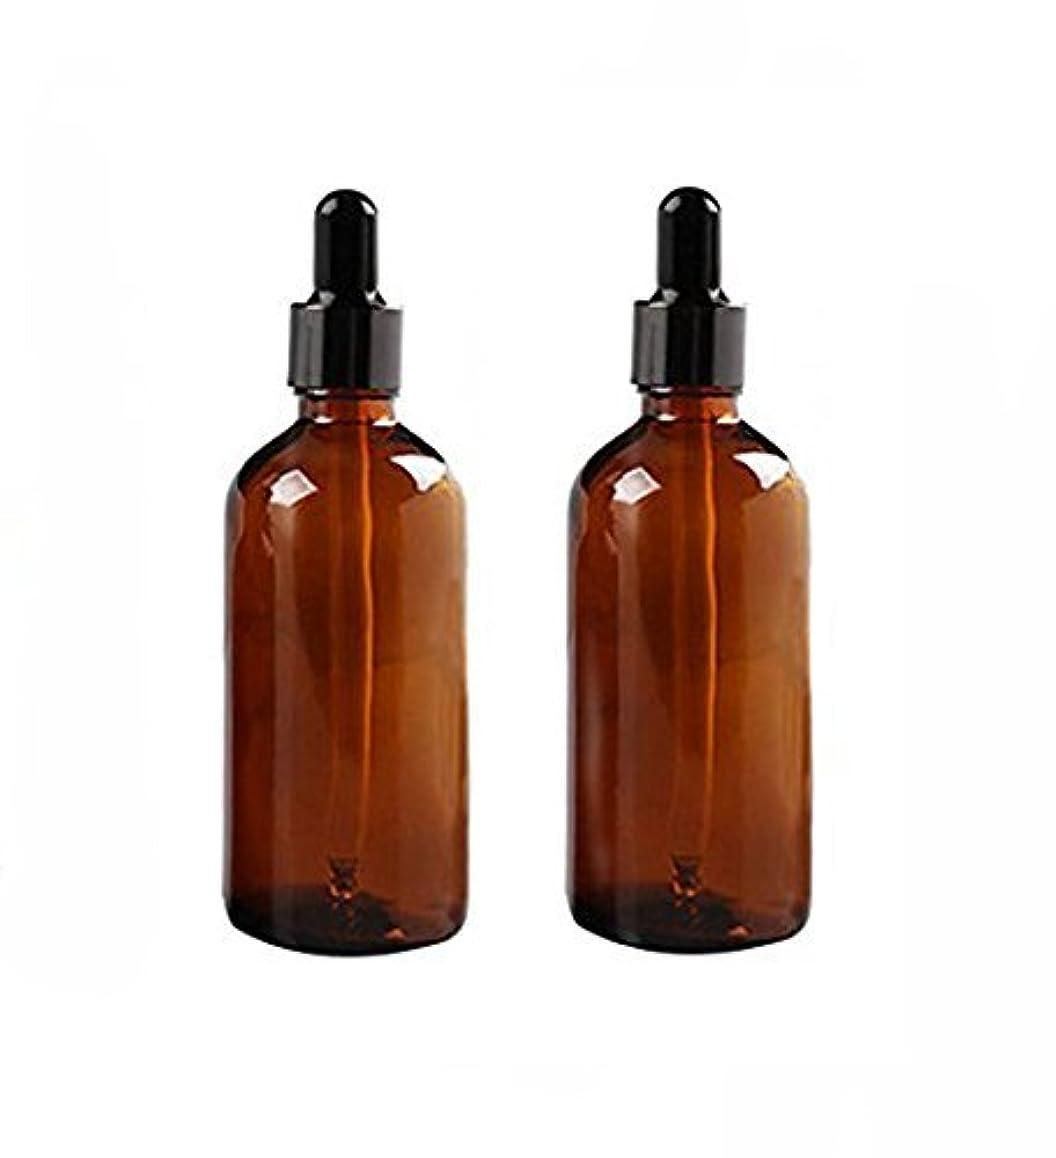 ペダルグリップ政令2 Pcs 100ml Empty Amber Glass Bottle with Glass Dropper for Essential Oil Formulas [並行輸入品]